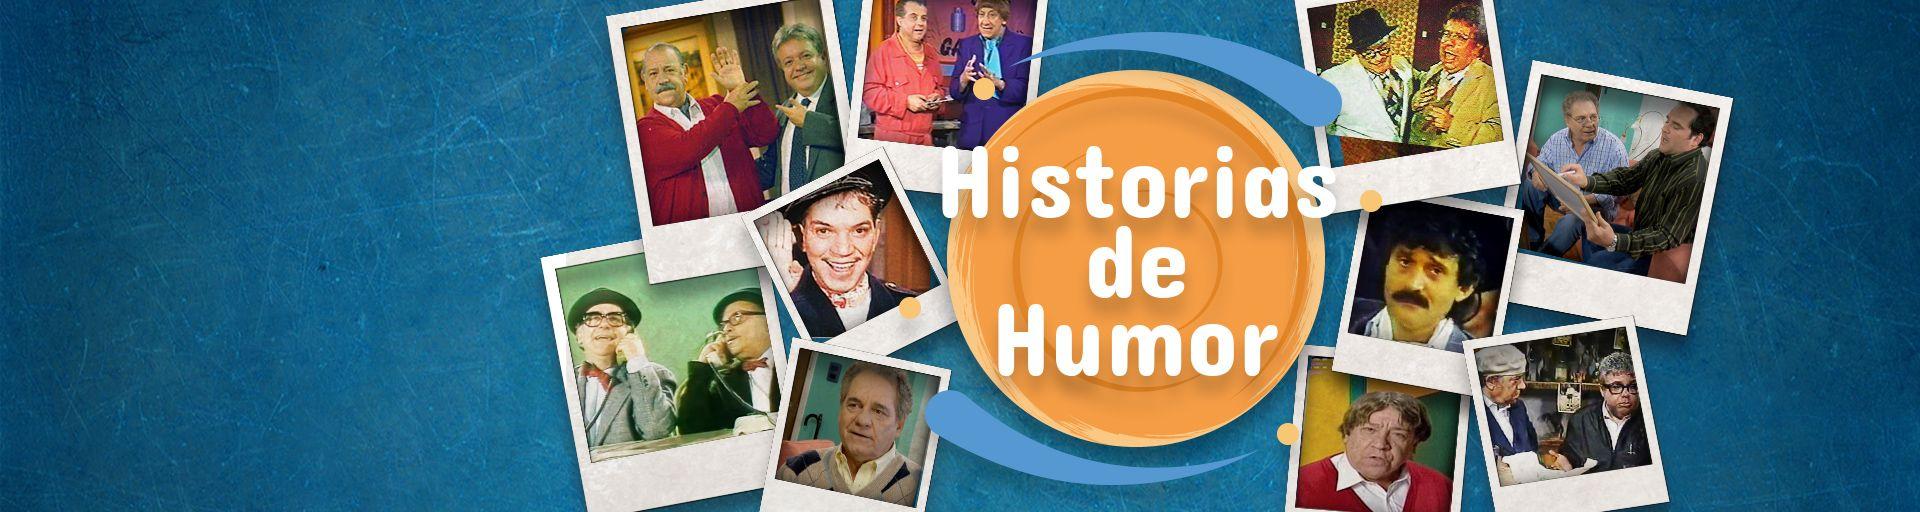 HISTORIAS DE HUMOR